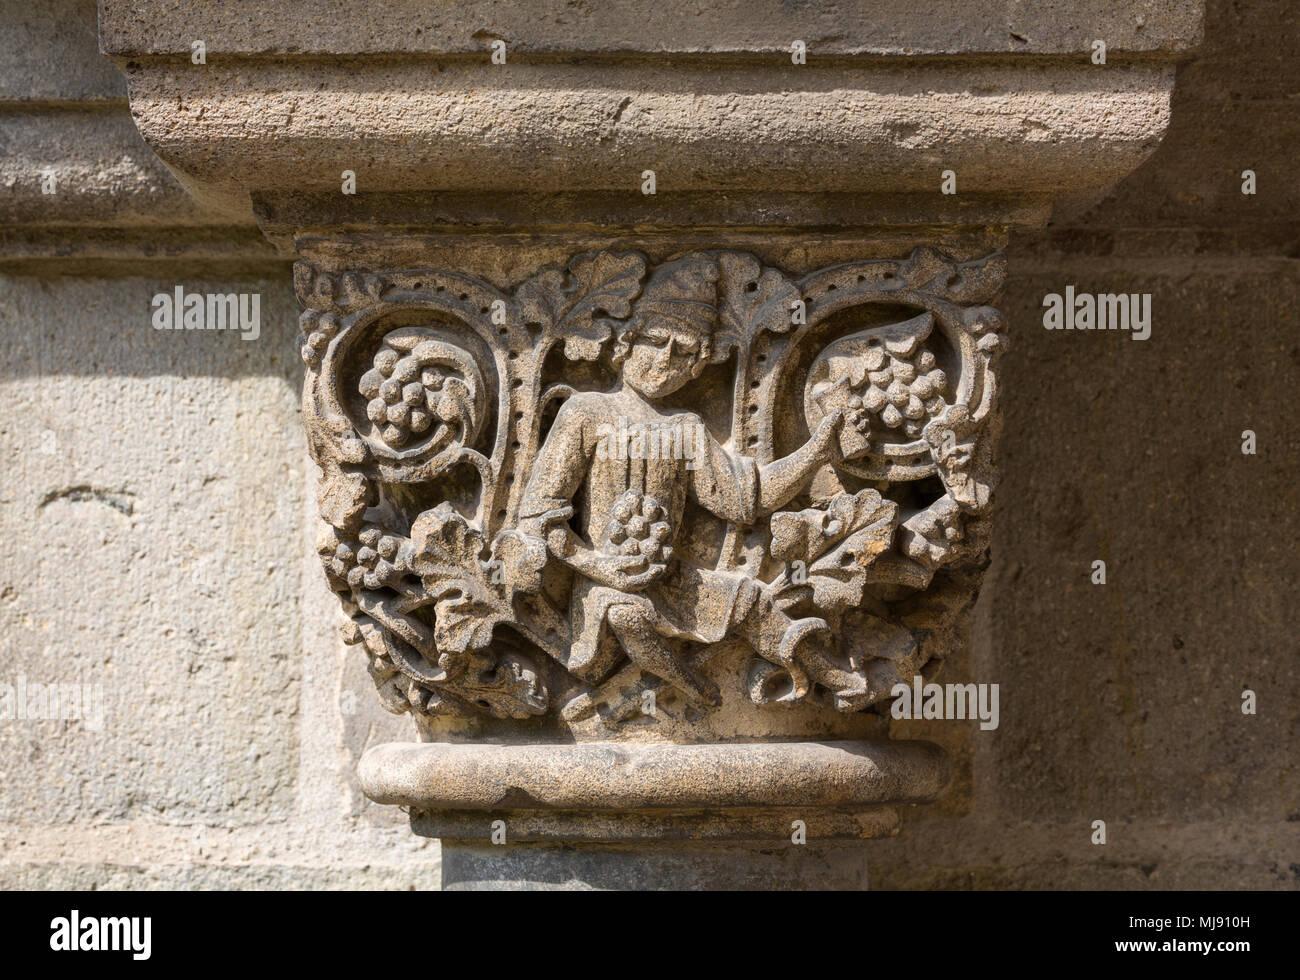 Brauweiler in Pulheim, Abteikirche St. Nikolaus, Kreuzgang, Südportal, Figurenkapitell Eine einer Halbsäule, Weintrinker mit Reben Stockbild